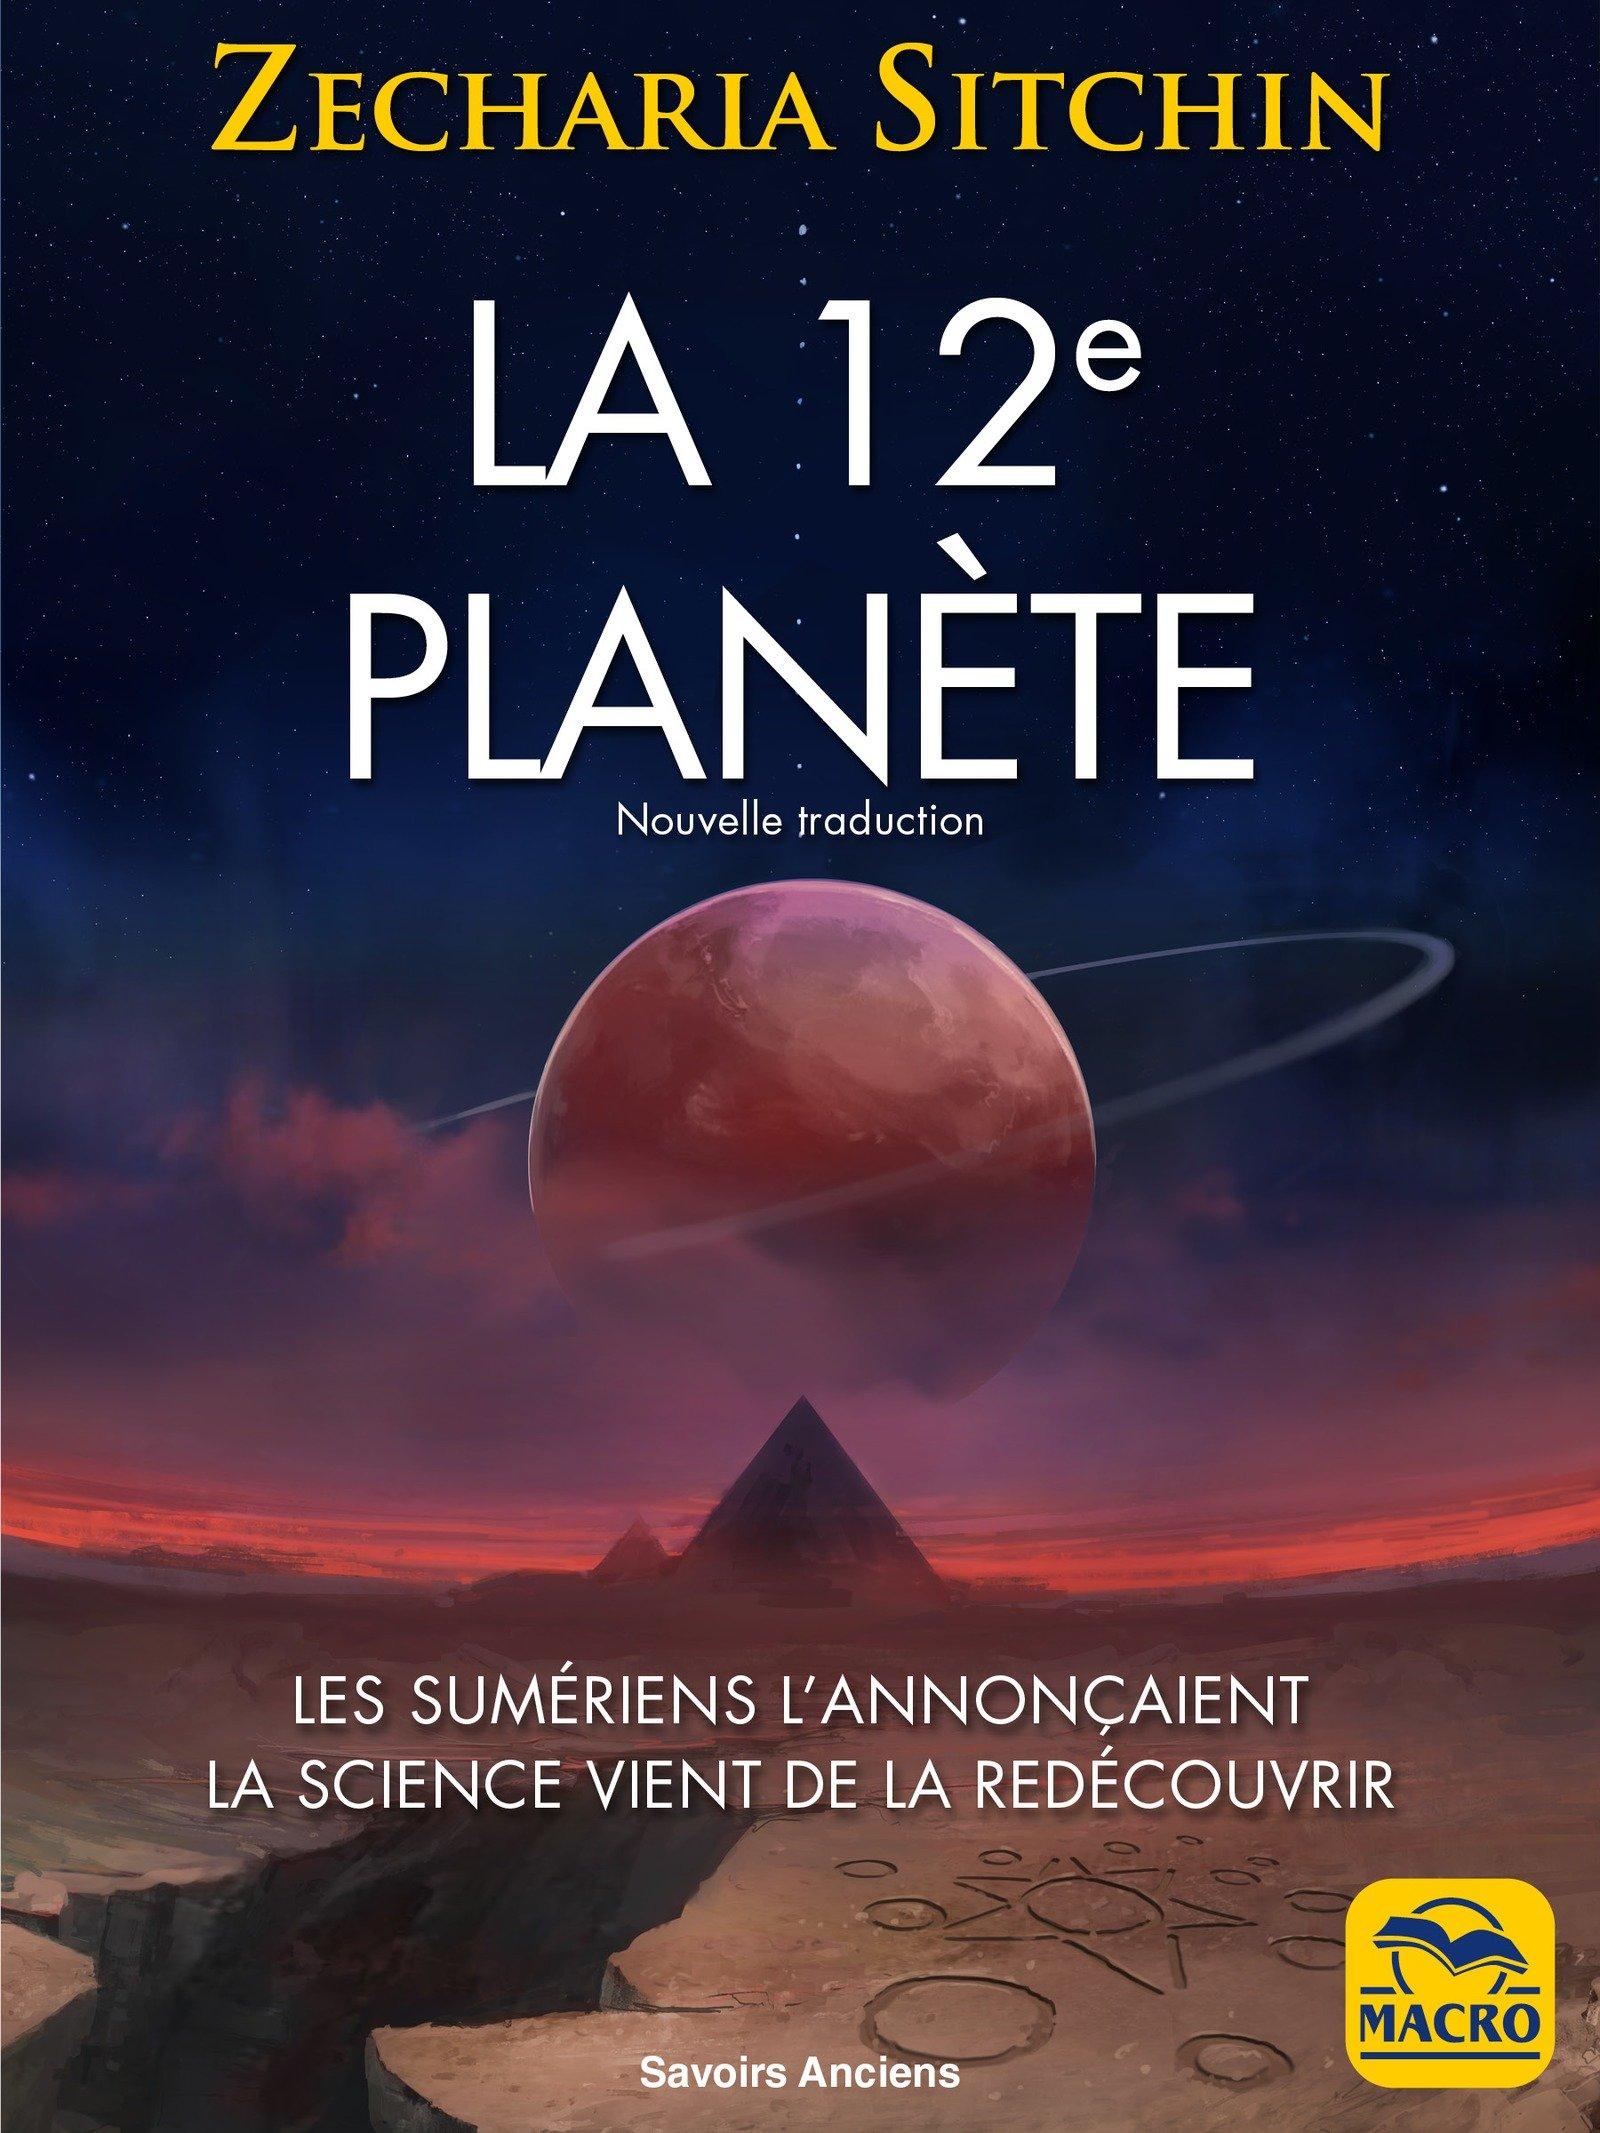 La 12e planète: Les Sumériens l'annonçaient La science vient de la redécouvrir (Savoirs Anciens)